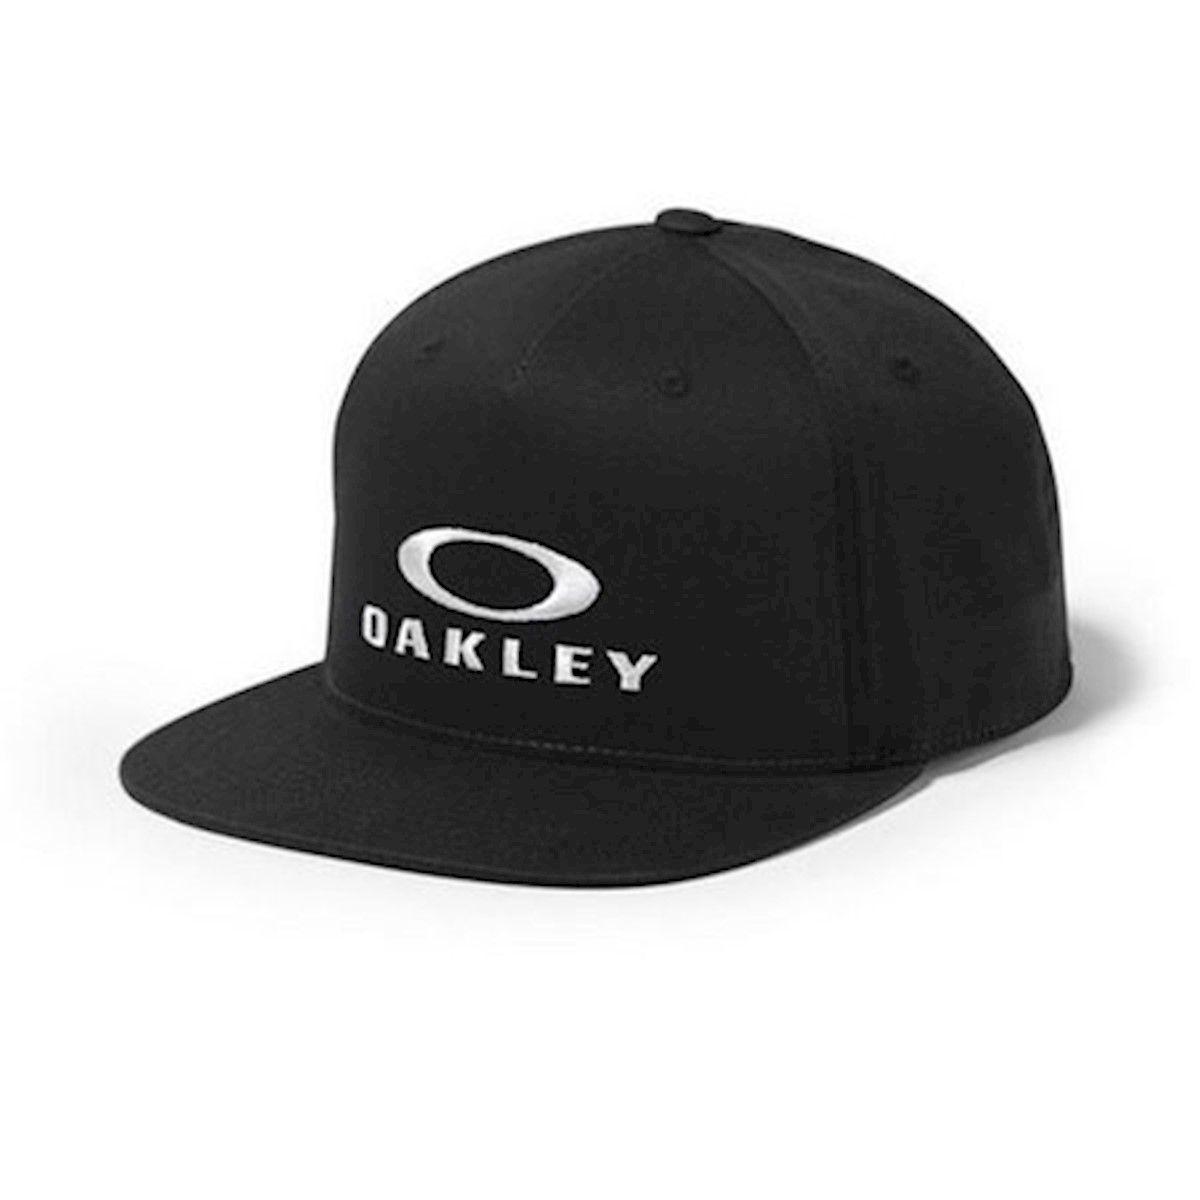 Boné Oakley Sliver 110 Flexfit Har Jet Black